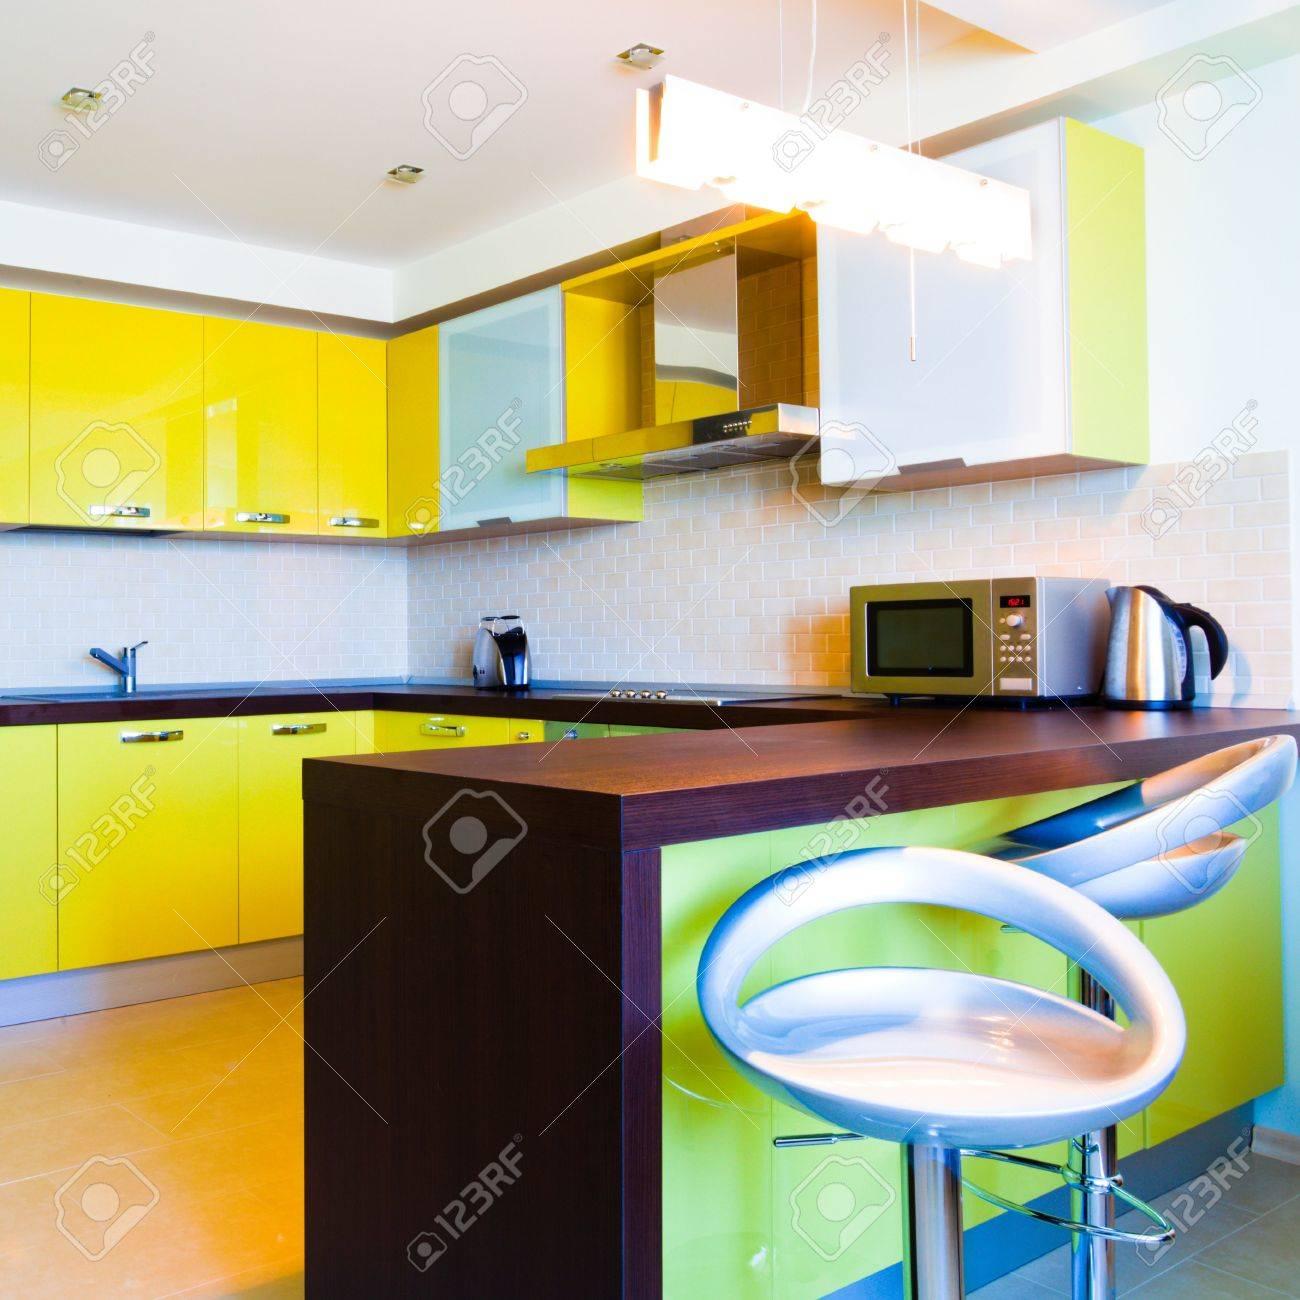 banque dimages jaune dintrieur avec des chaises de cuisine moderne plat carr composition - Chaise Cuisine Moderne